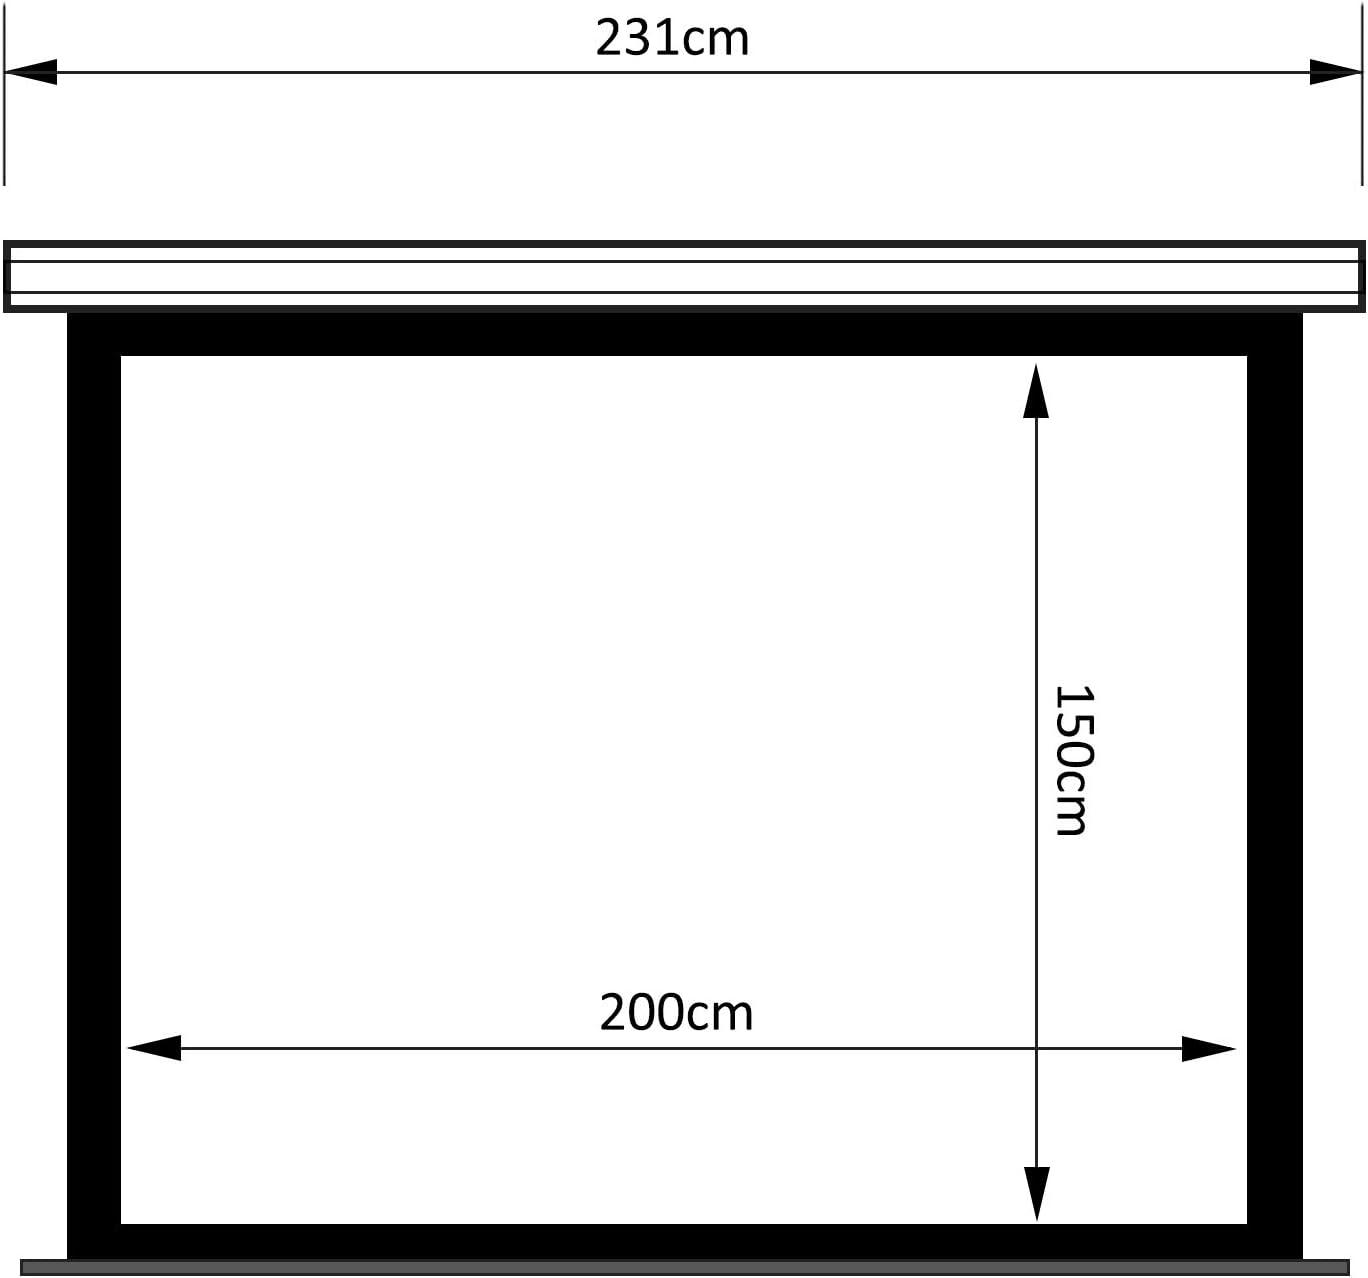 Maclean MC-992 Ecran Moteur Ecran Beamer Projecteur Ecran Home Cinema 100 4:3 16:9 200x150cm Montage au Plafond Montage Mural